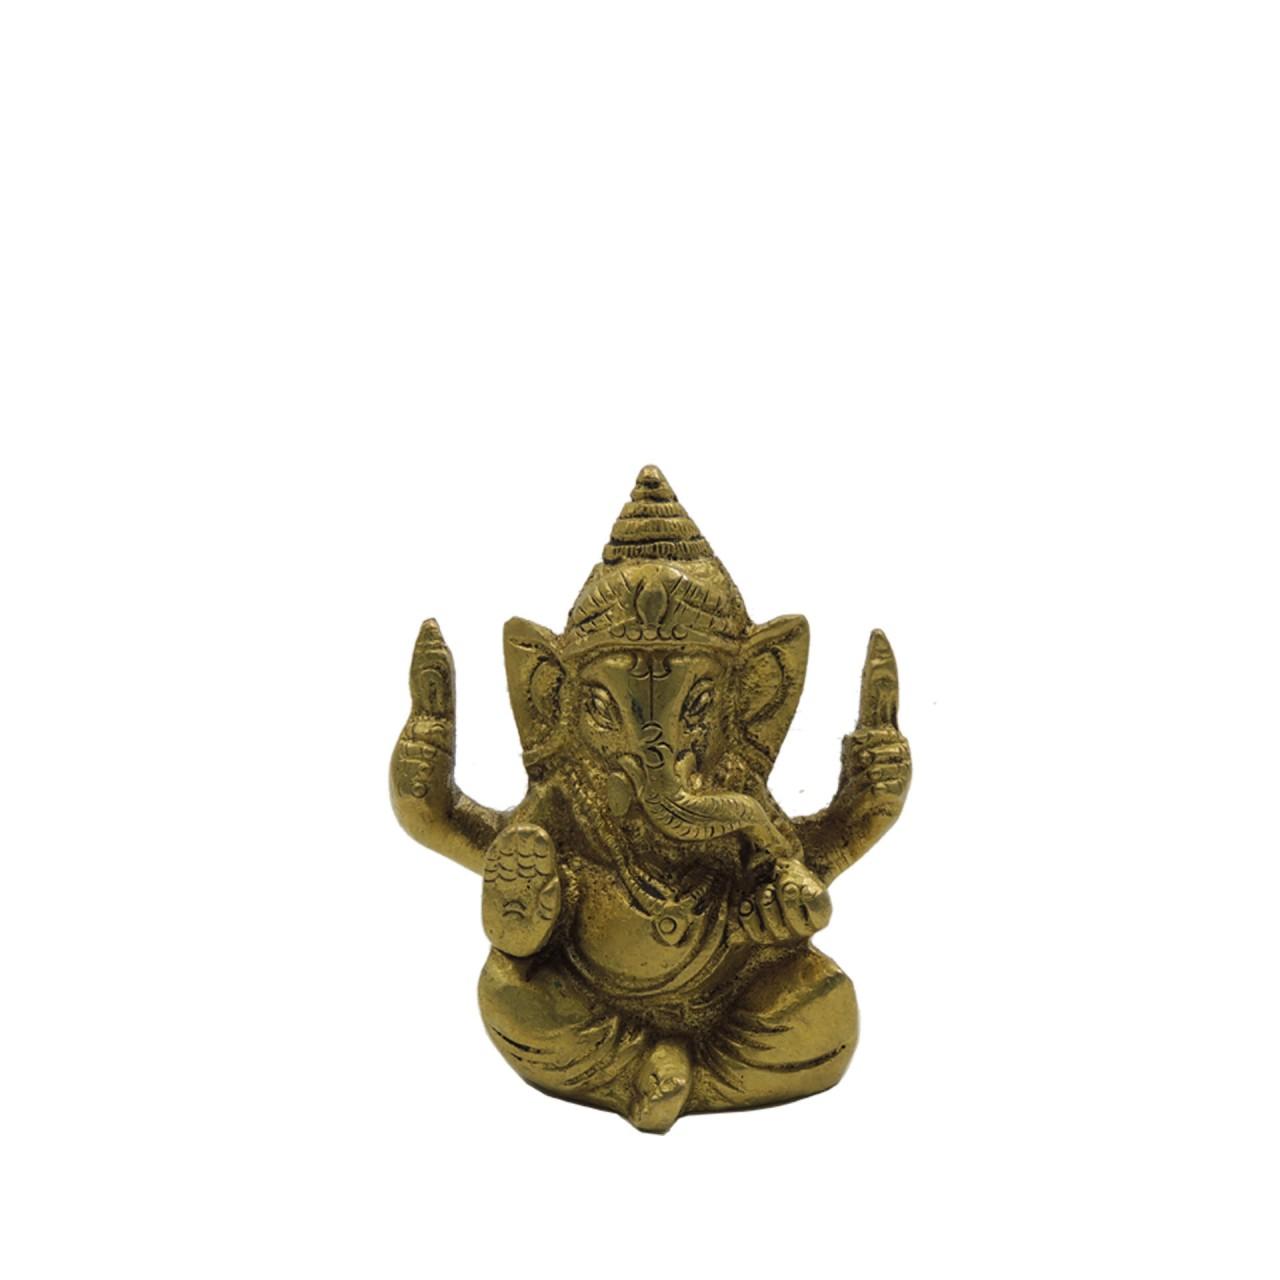 """Messingfigur """"Ganesha"""" ca. 7 cm - goldfarben - Handwerk Indien"""